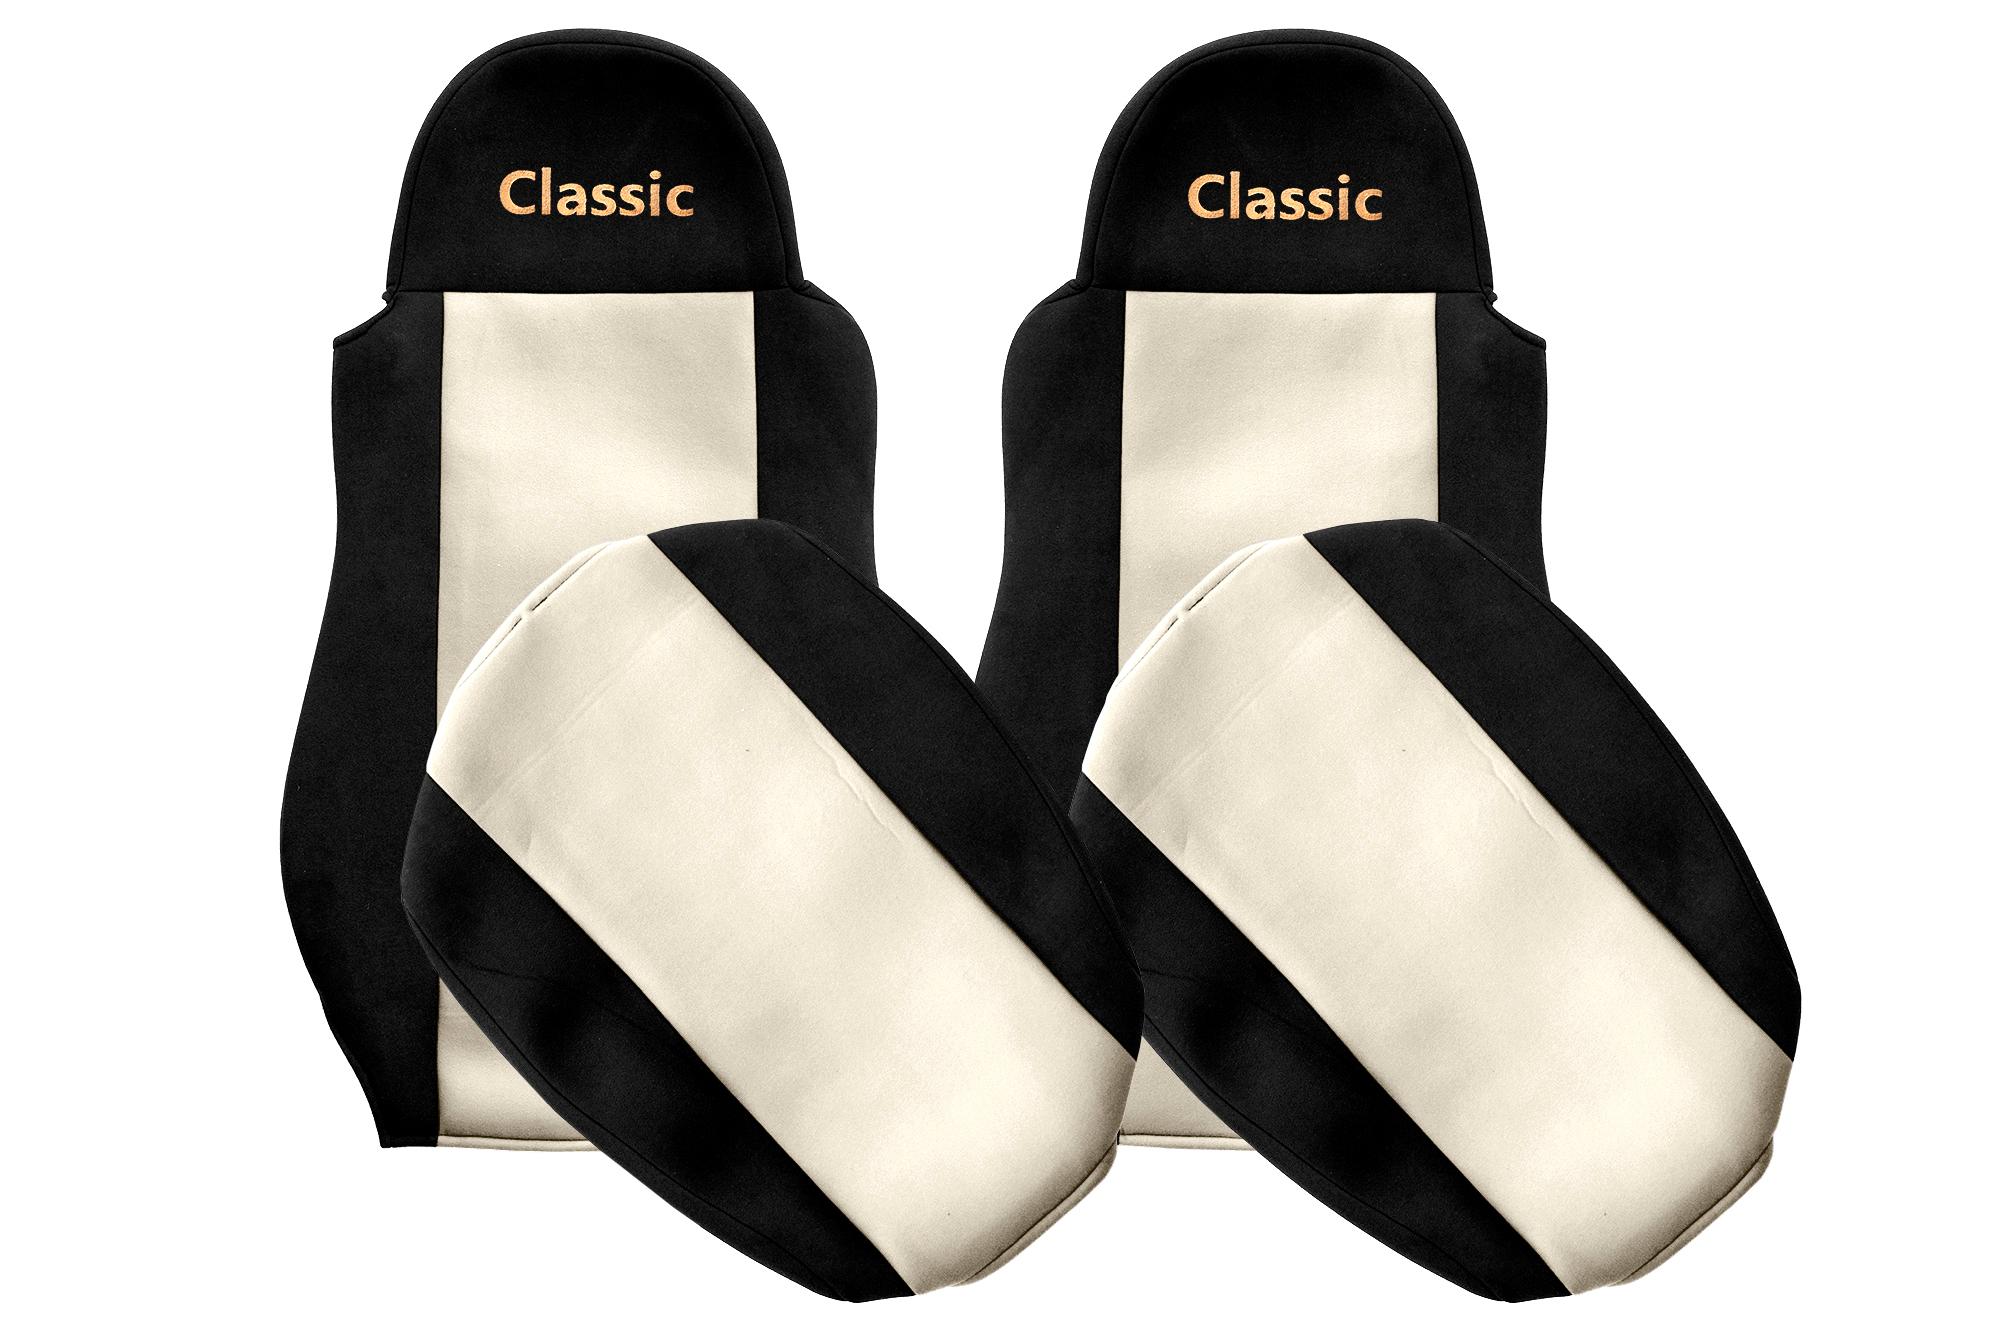 stoelhoezen classic series verenigbaar met daf xf 95 xf 105 cf lf prod tot 2012 ze zijn gemaakt van de beste materialen zodat ze kunnen dienen voor